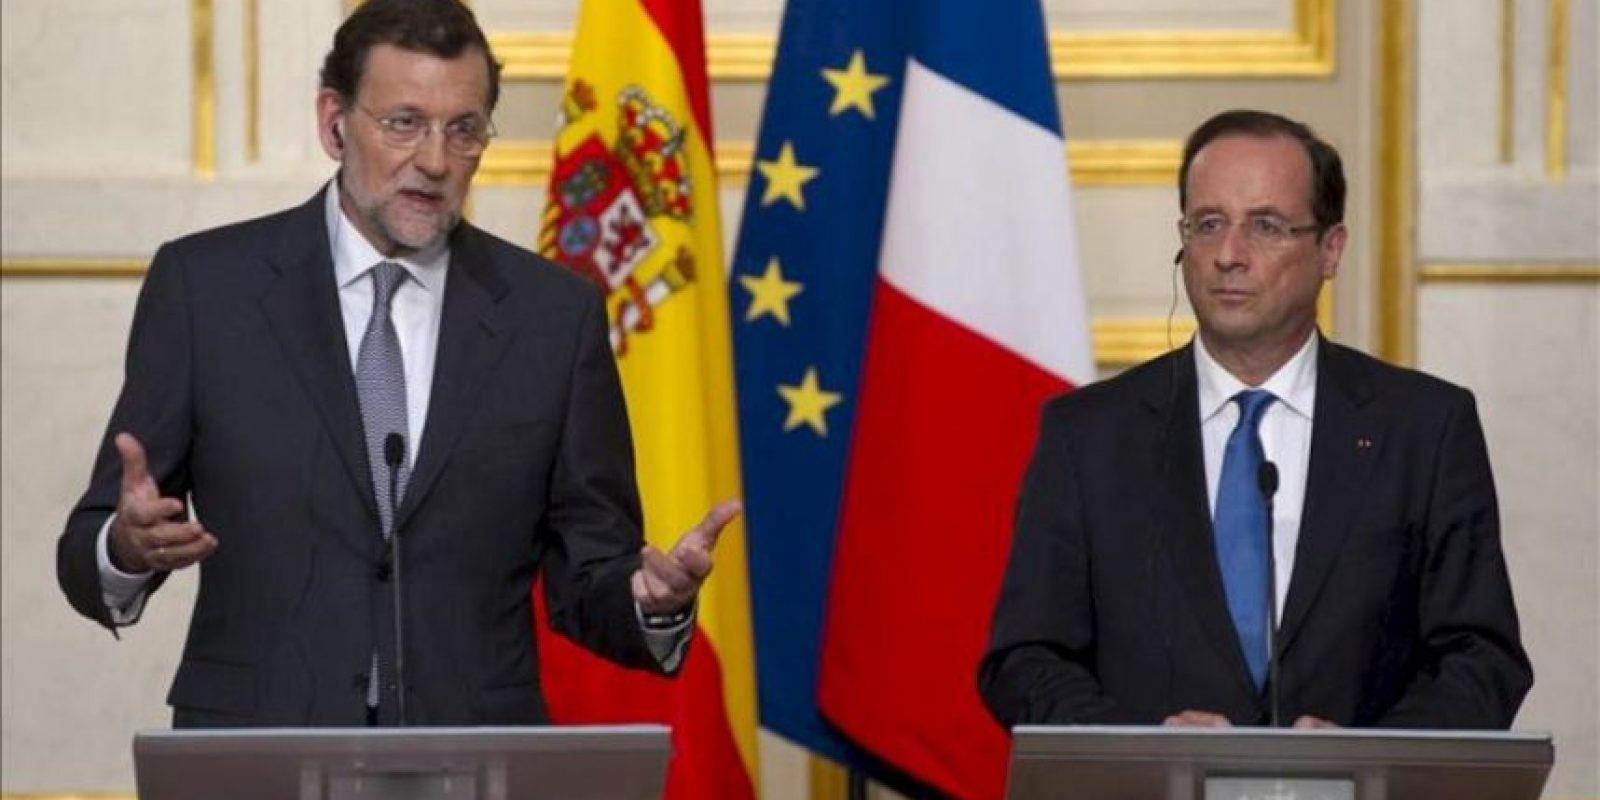 El presidente del Gobierno español, Mariano Rajoy (i), y el presidente francés, François Hollande (d), hablan en rueda de prensa conjunta tras su reunión en el Palacio del Elíseo de París, Francia. EFE